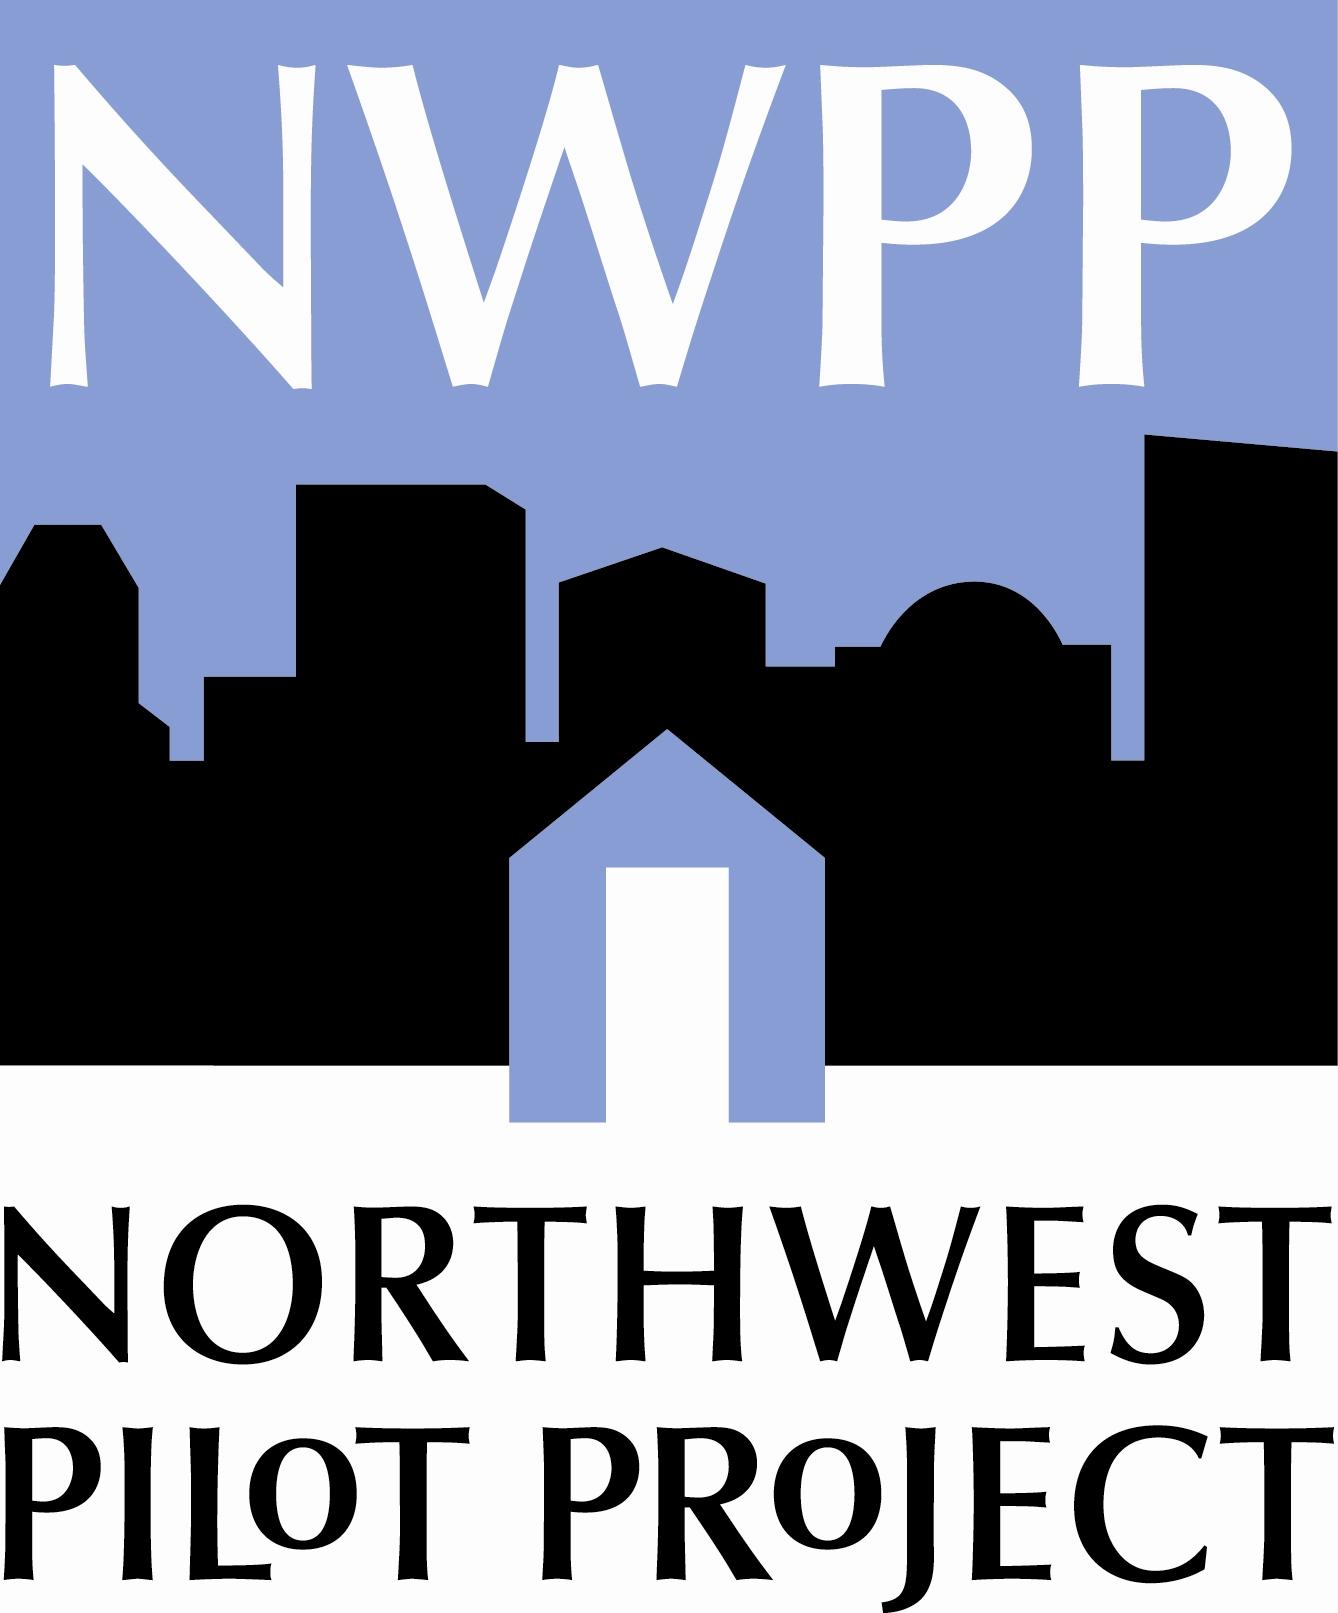 Northwest Pilot Project, Inc